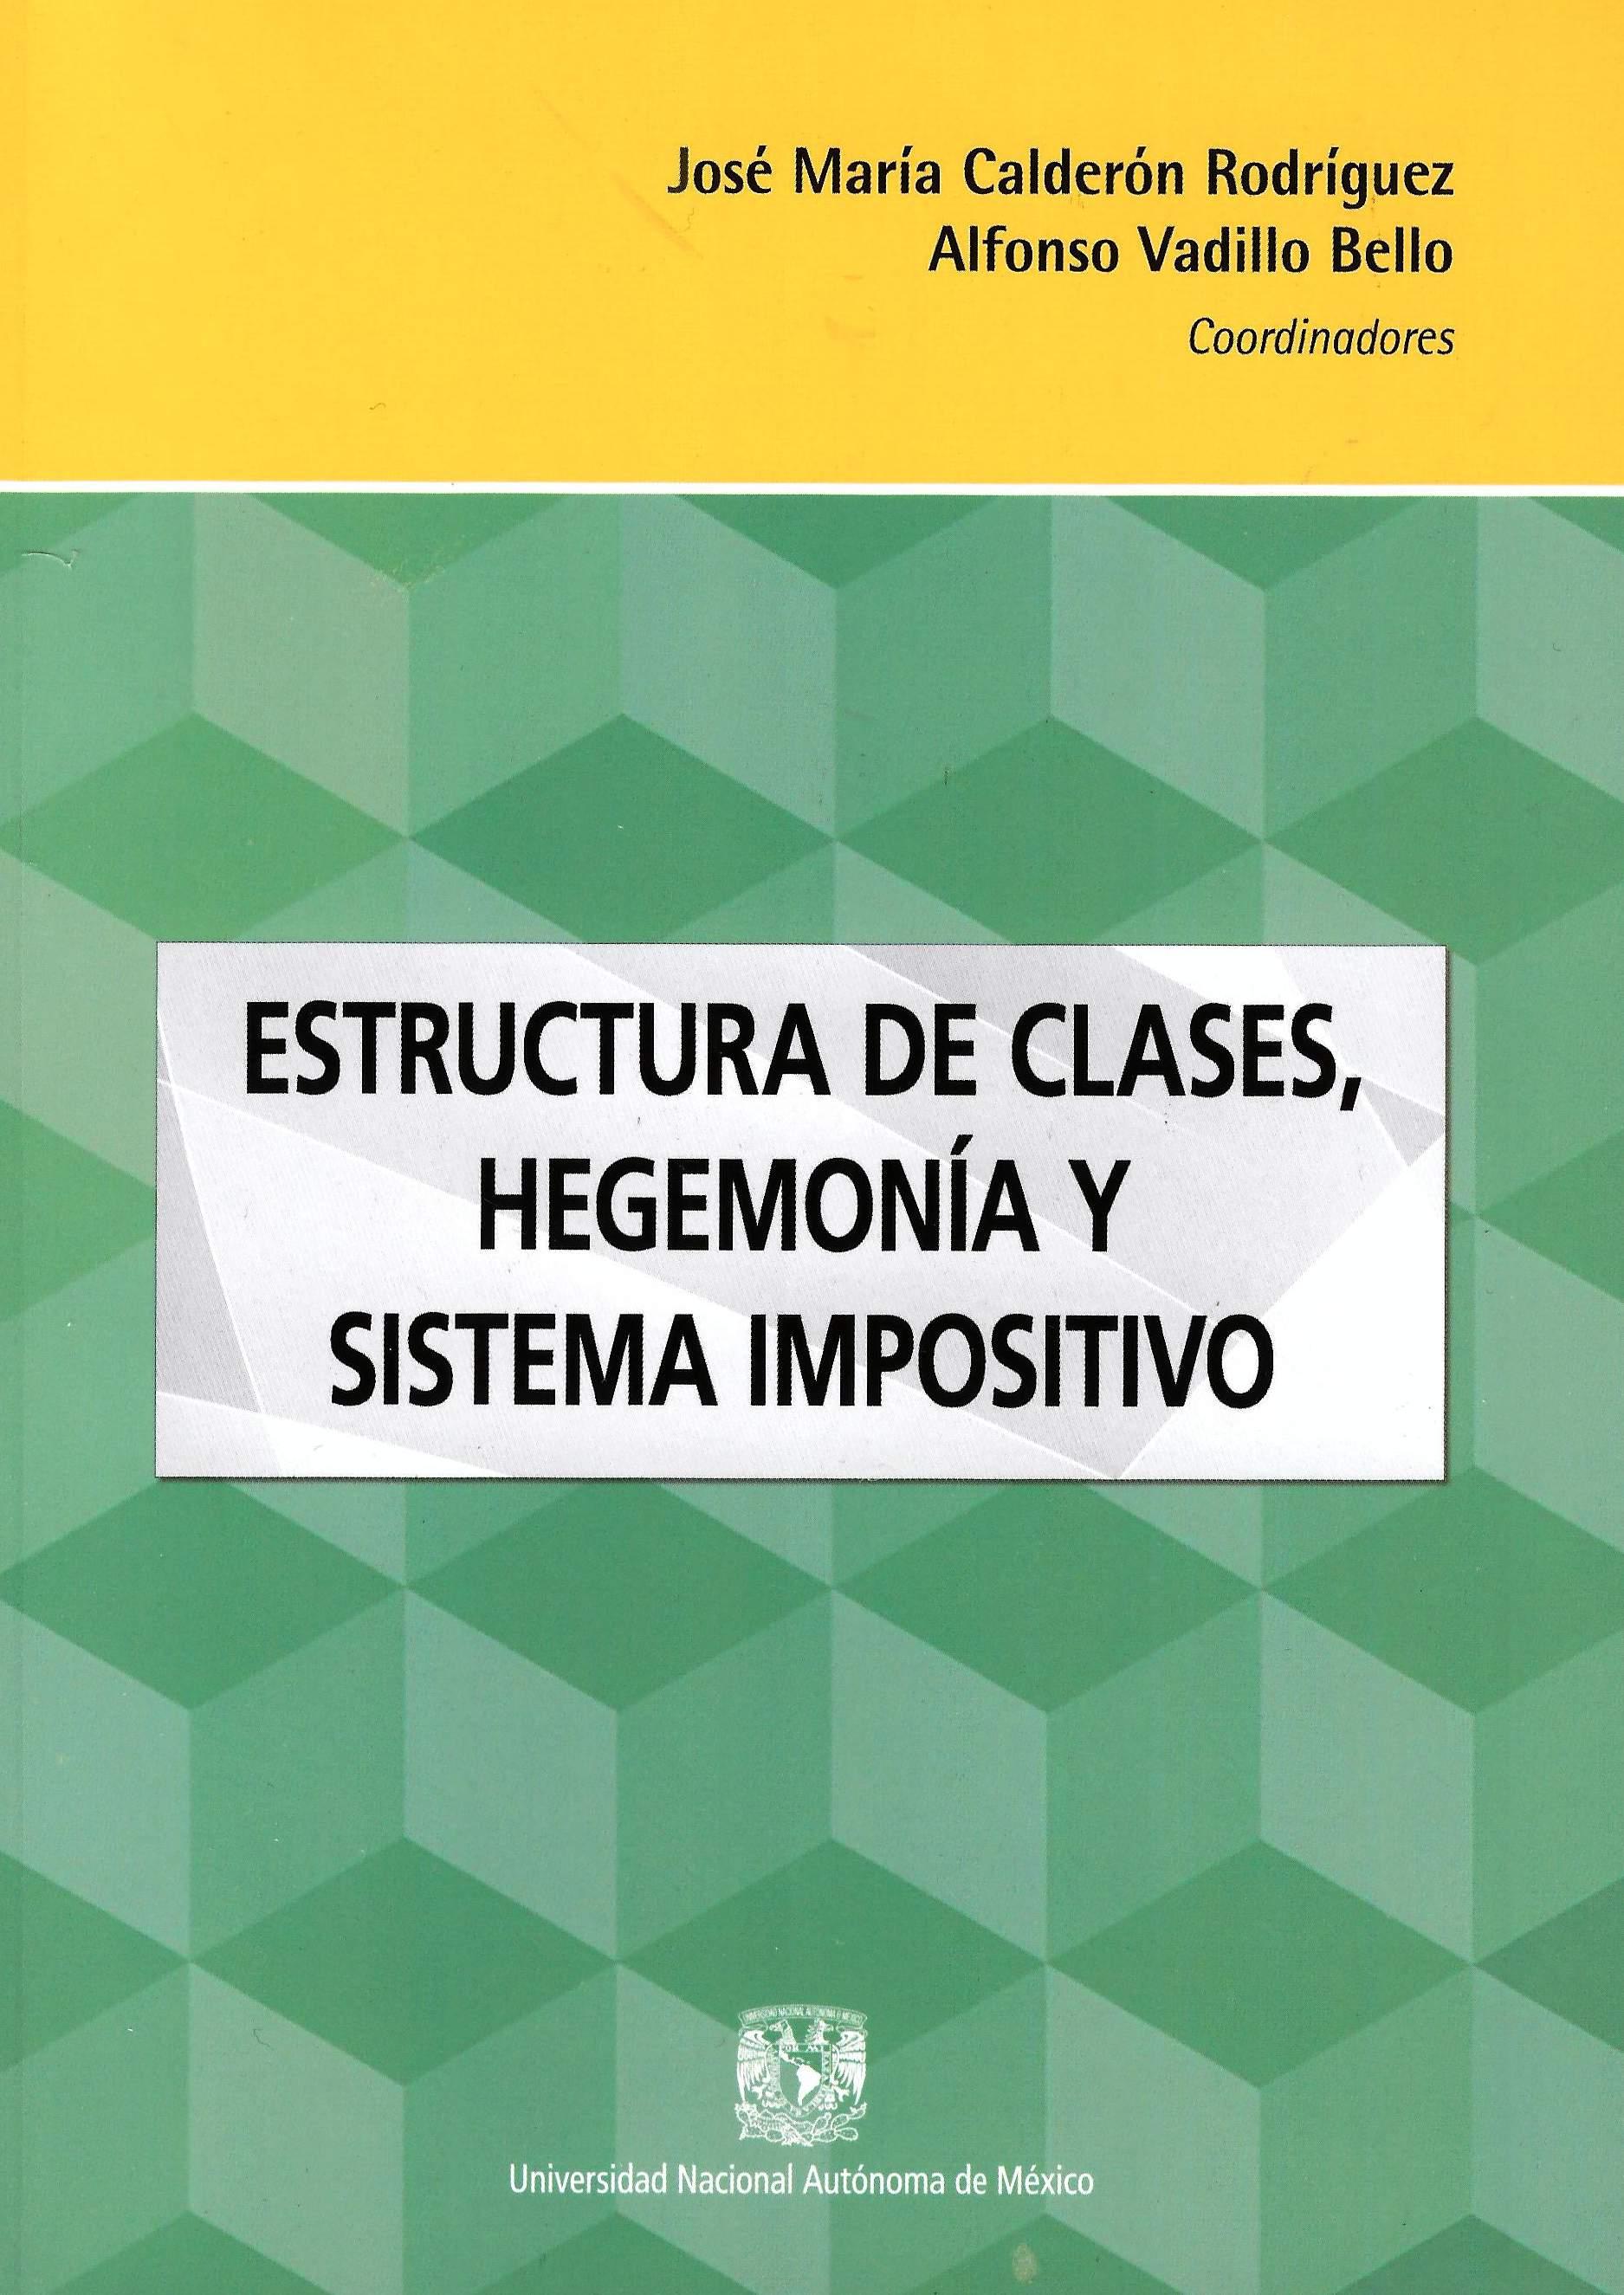 Estructura de clases, hegemonía y sistema impositivo